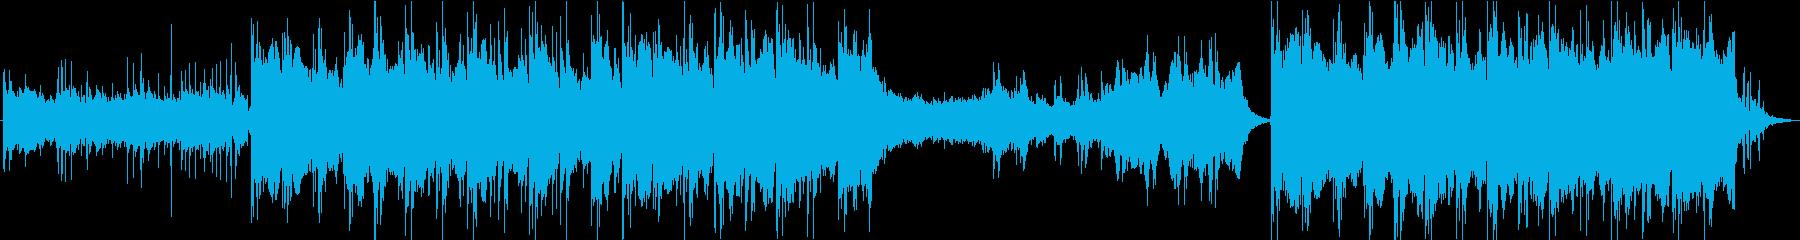 PV】荘厳なエピック系エレクトロの再生済みの波形